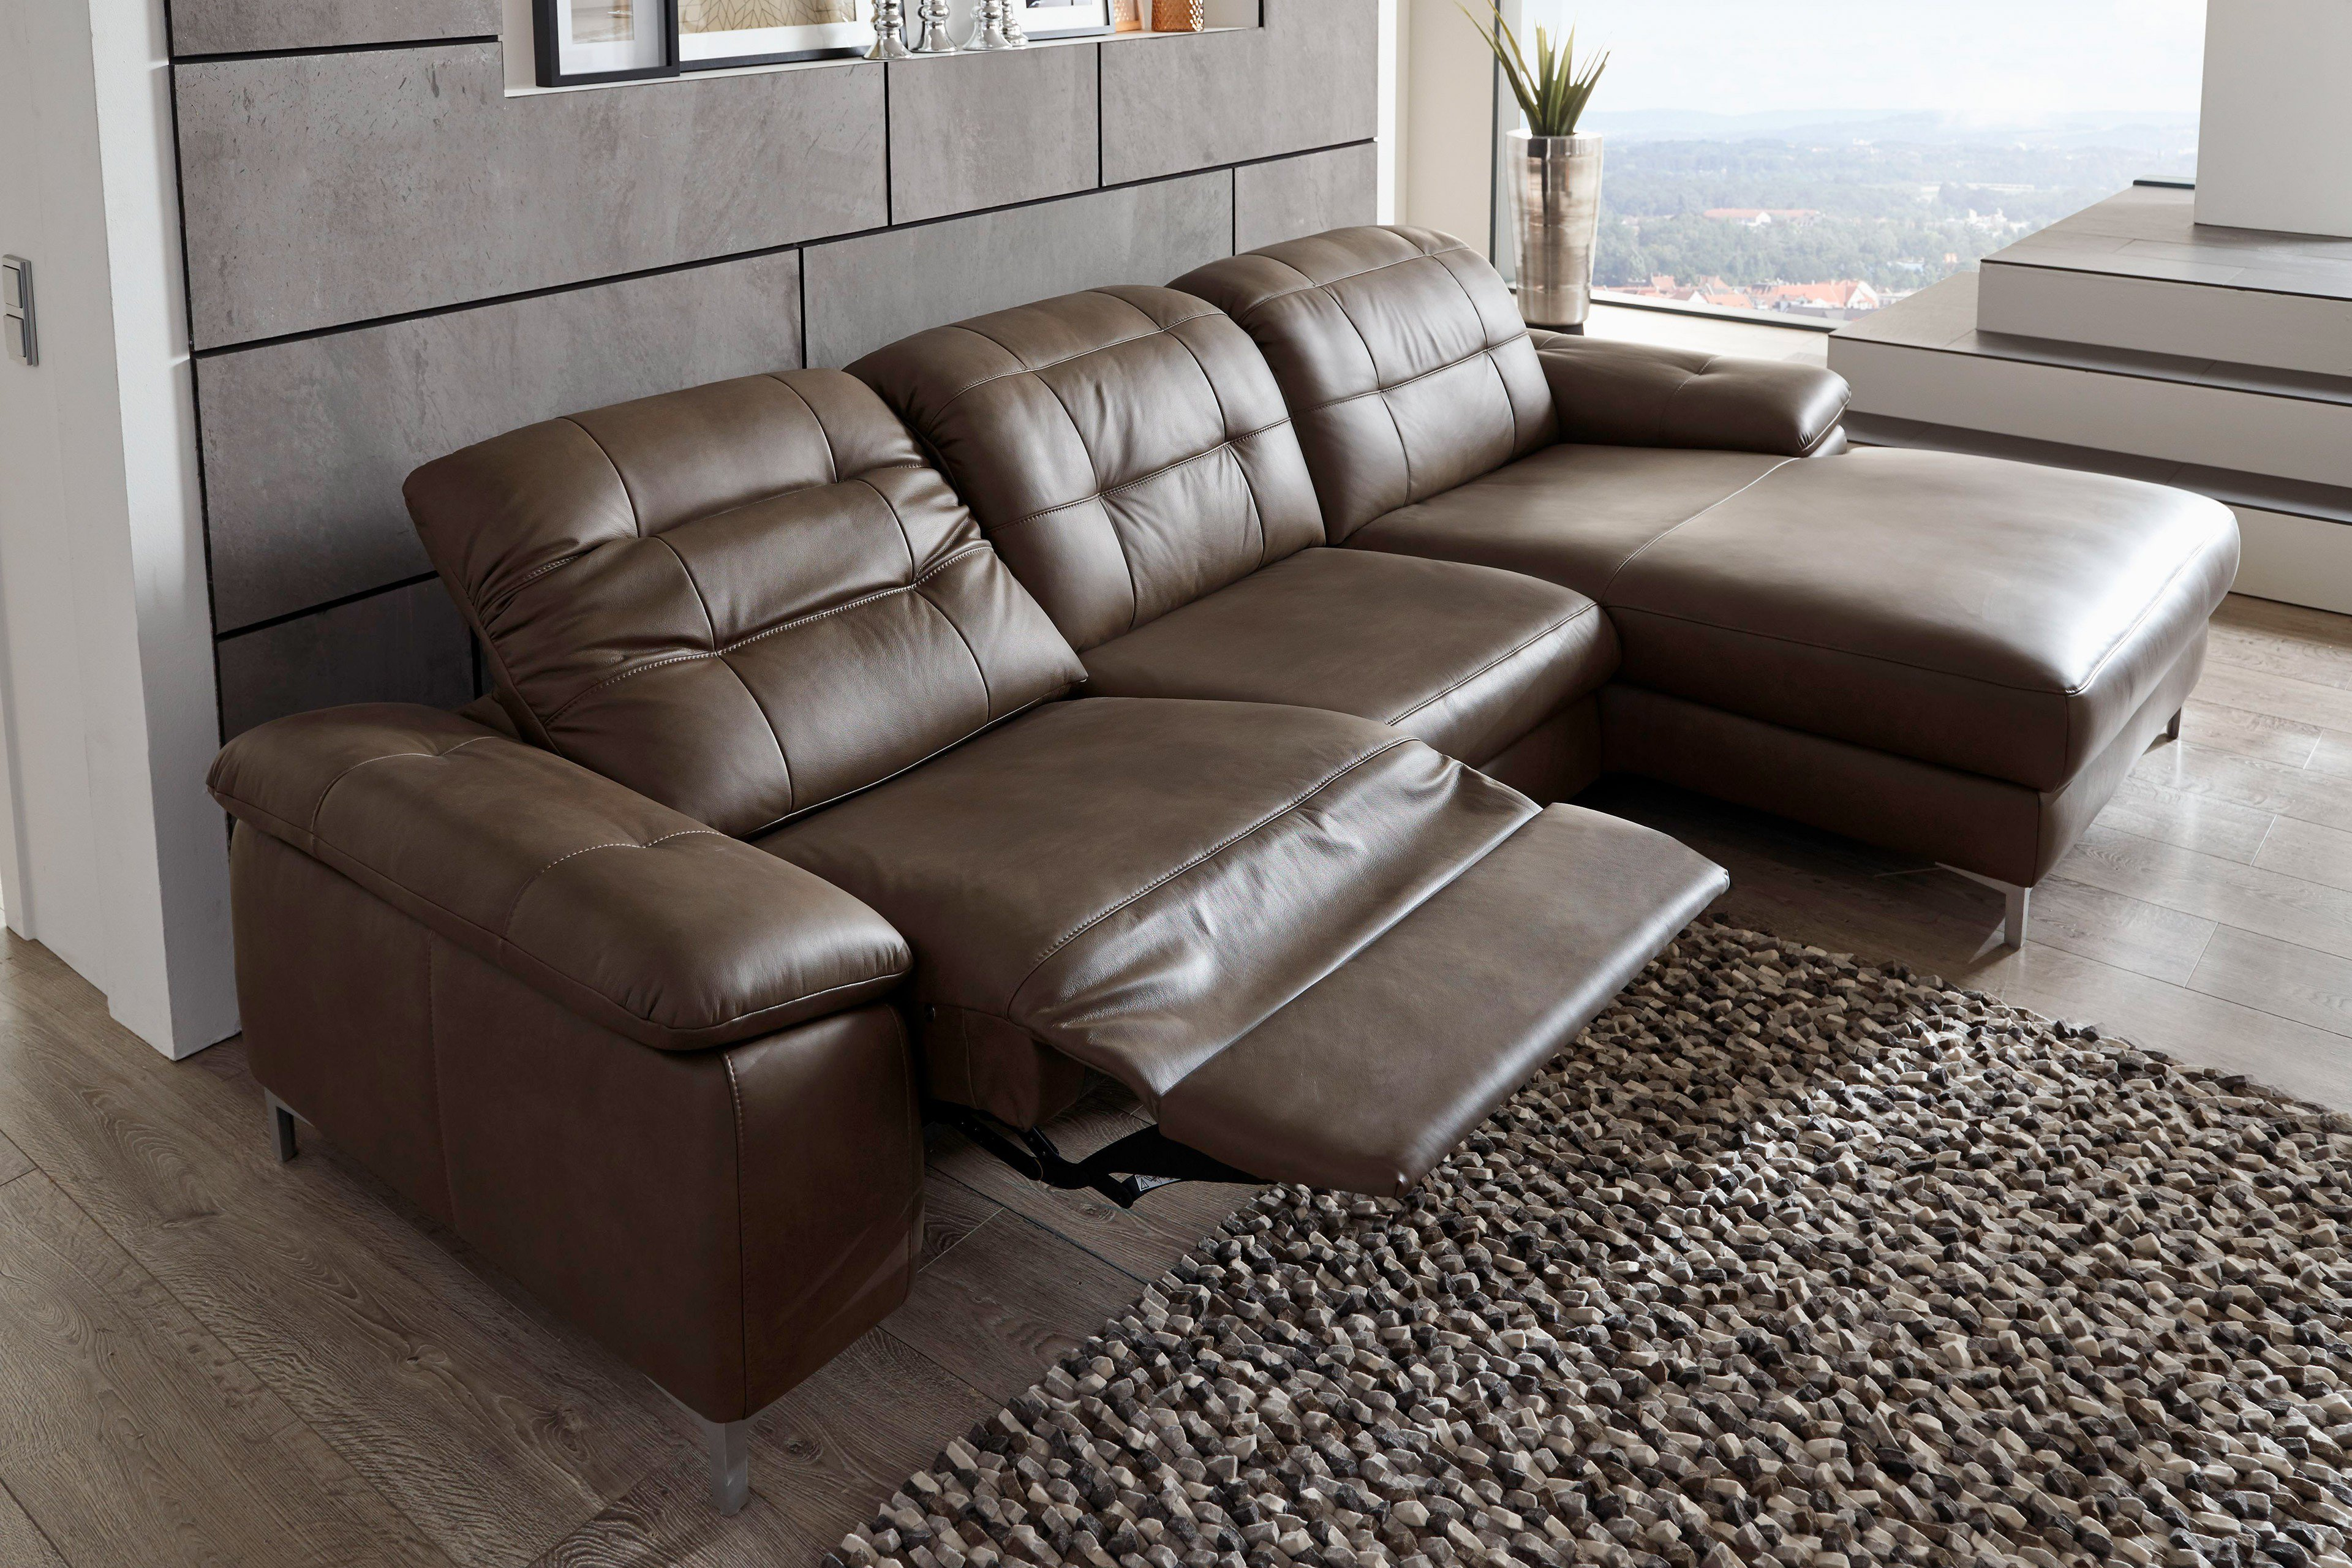 polinova nuvola ledersofa braun m bel letz ihr online shop. Black Bedroom Furniture Sets. Home Design Ideas